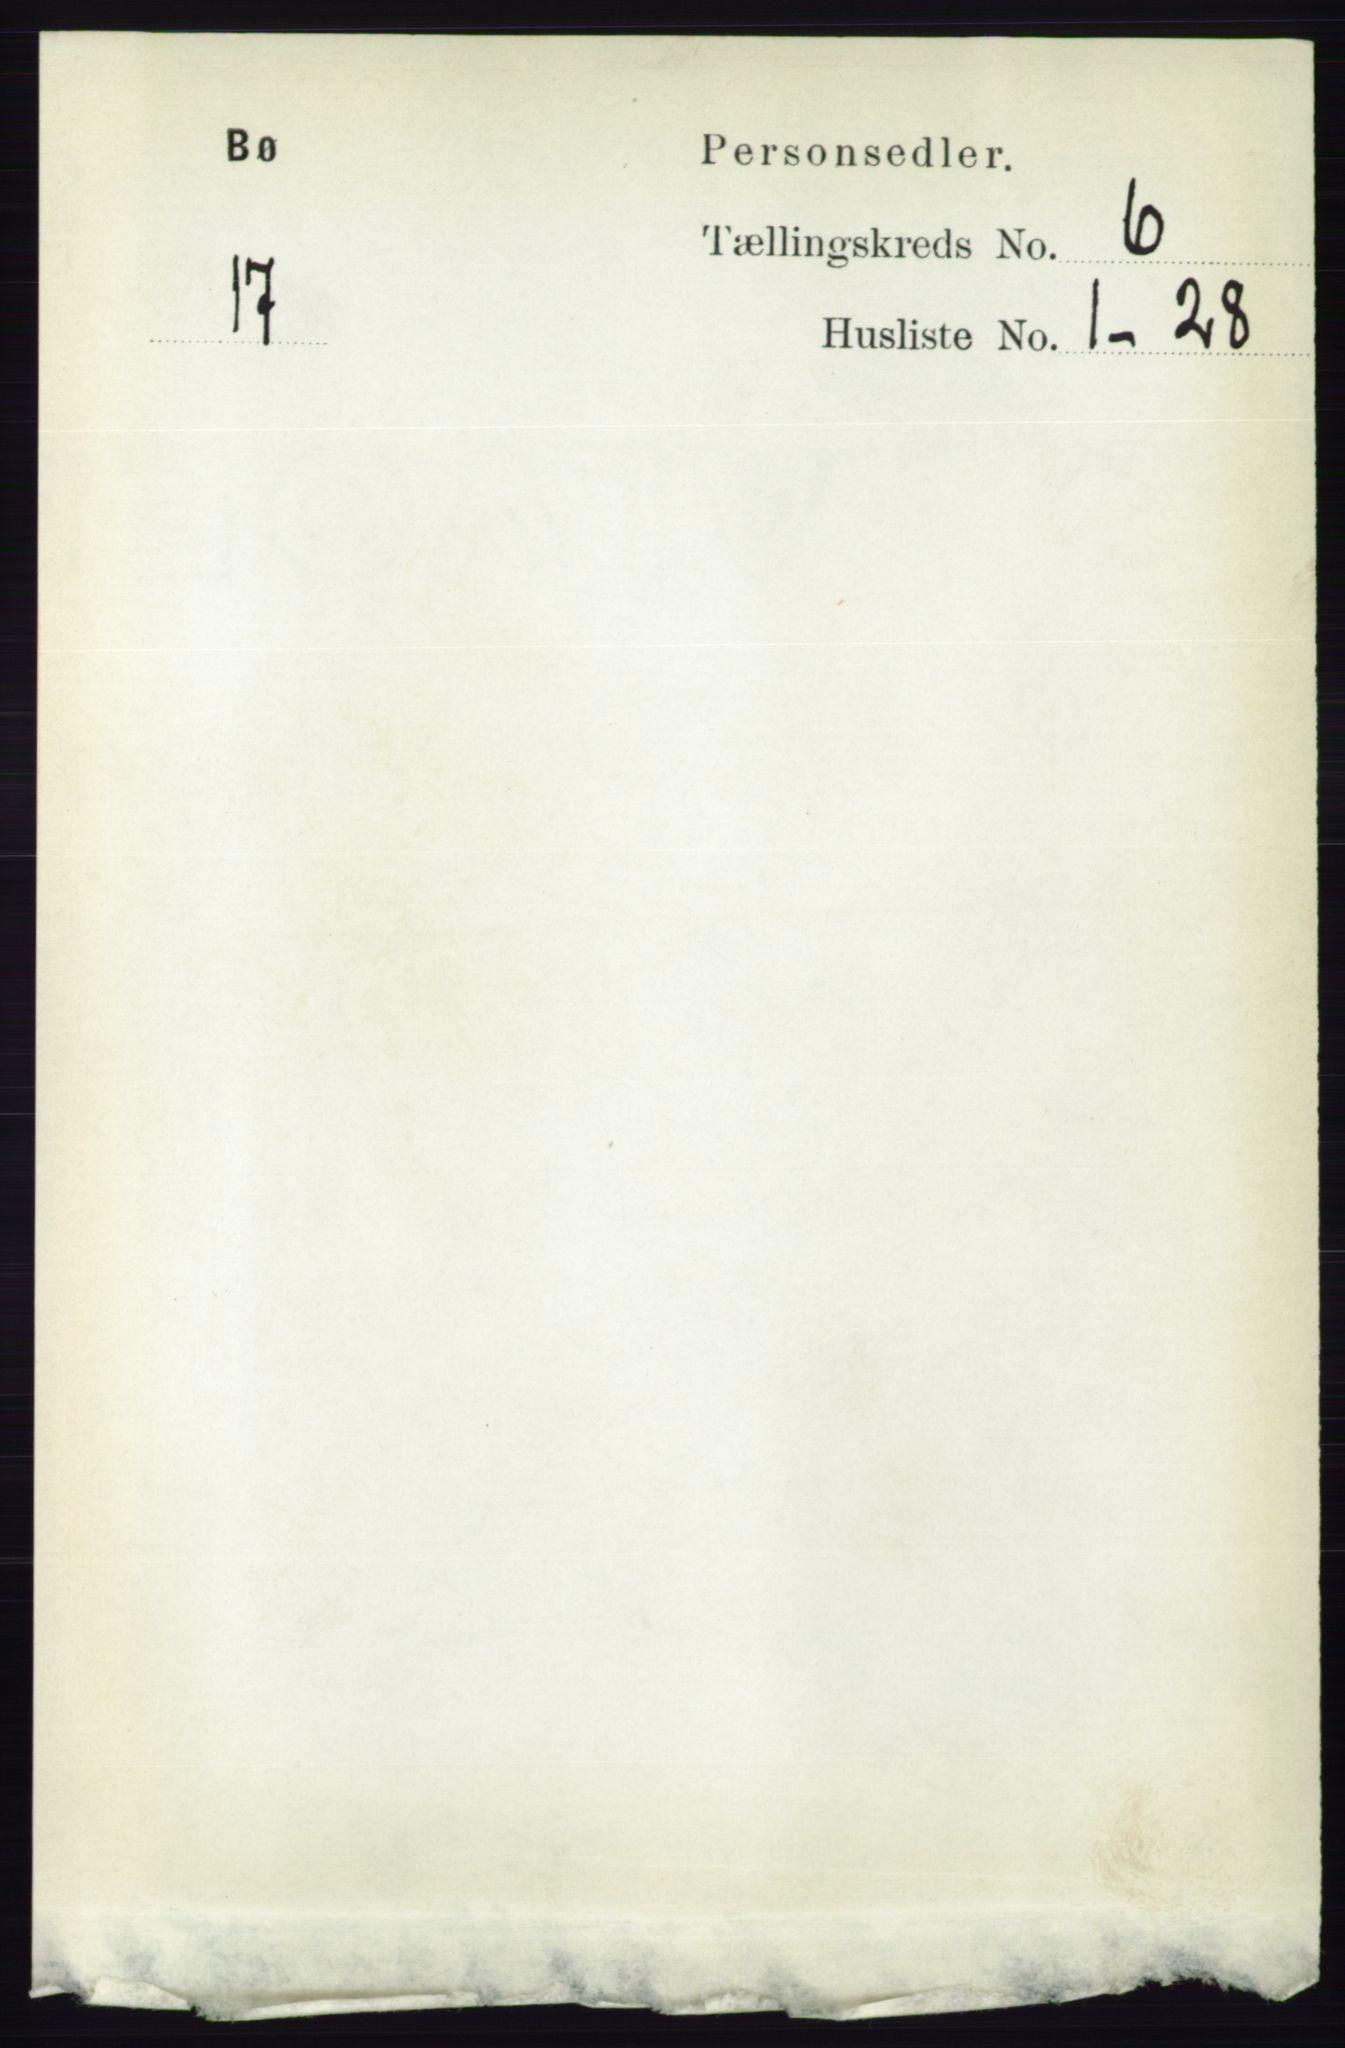 RA, Folketelling 1891 for 0821 Bø herred, 1891, s. 1896